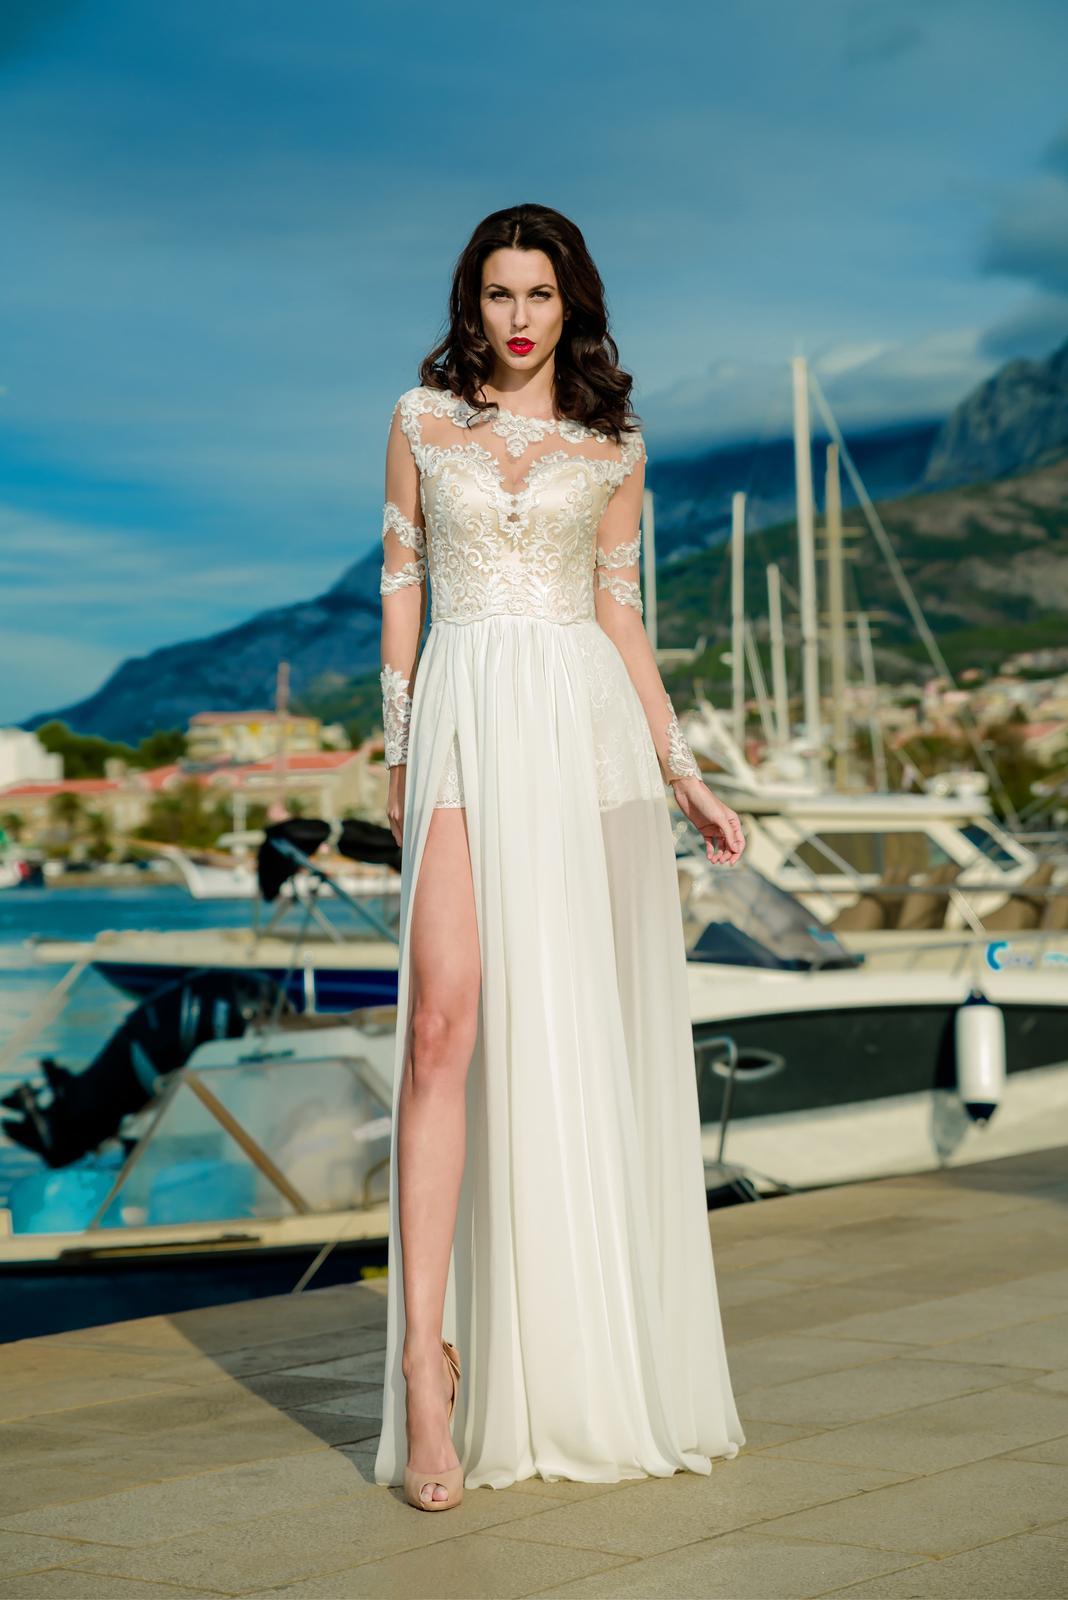 Očarujúce svadobné šaty s dlhými rukávmi  9d23c66dba9